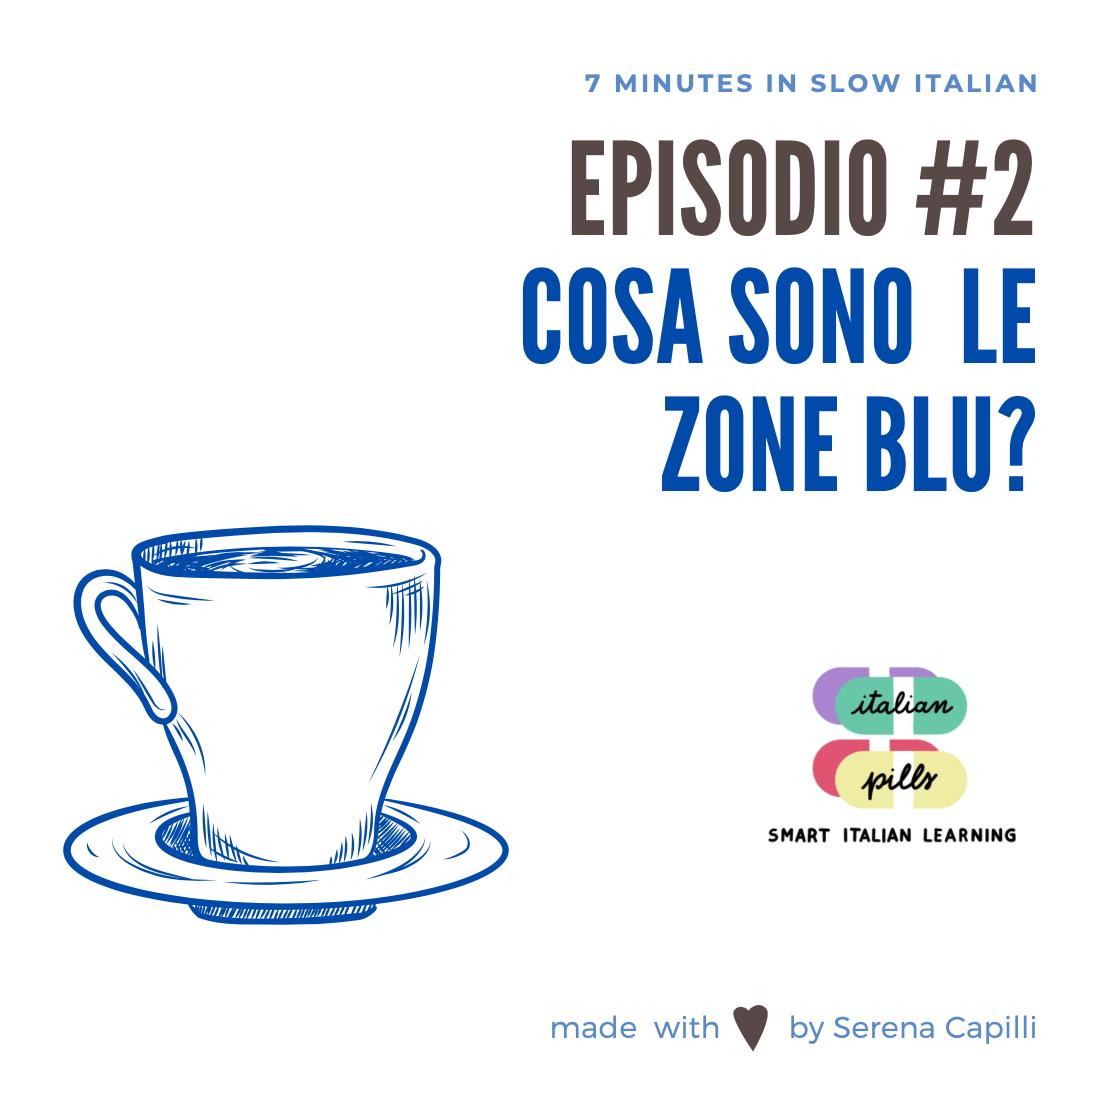 Episodio #2 - Cosa sono le Zone Blu?